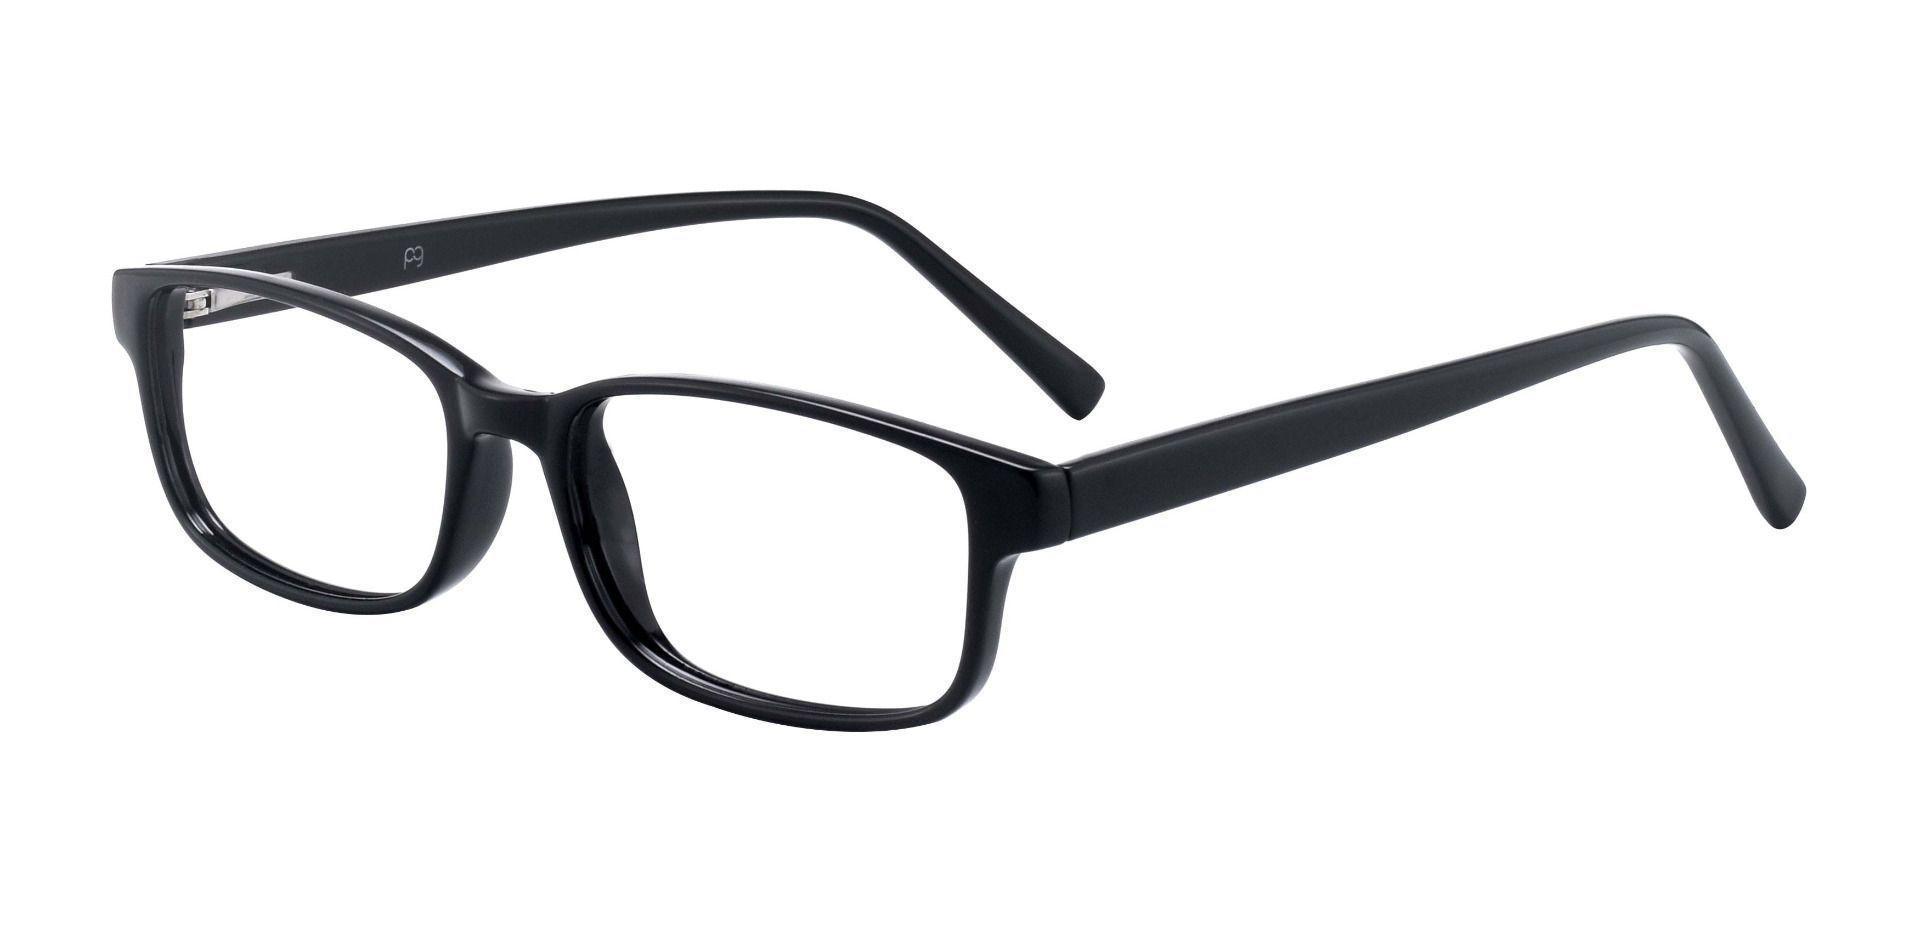 Layton Rectangle Prescription Glasses - Shiny Black